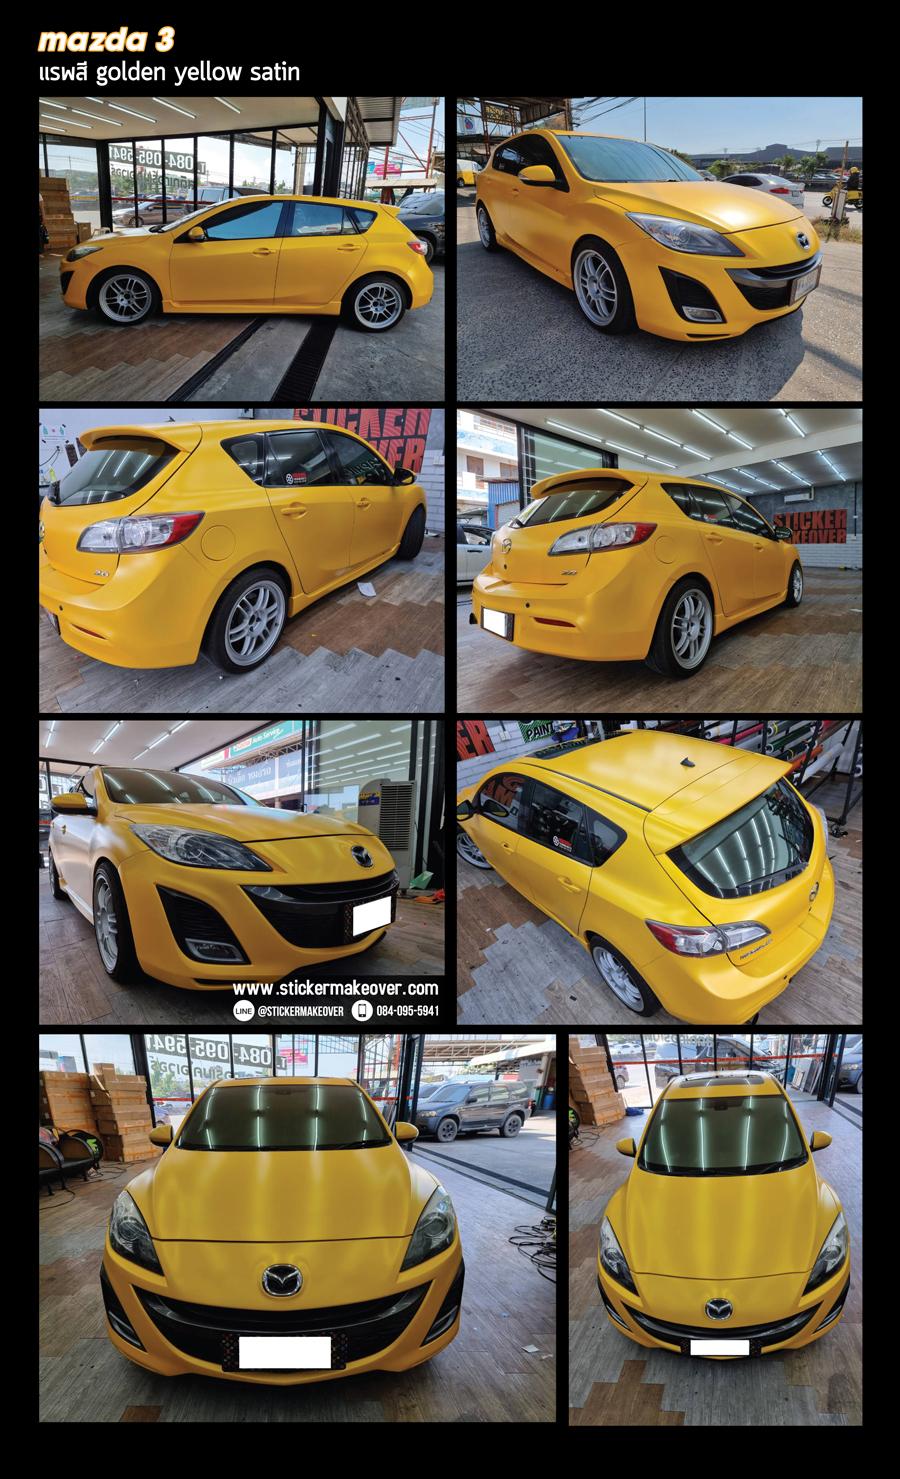 สติกเกอร์สี golden yellow satin หุ้มเปลี่ยนสี mazda3 หุ้มเปลี่ยนสีรถด้วยสติกเกอร์ wrap car  แรพเปลี่ยนสีรถ แรพสติกเกอร์สีรถ เปลี่ยนสีรถด้วยฟิล์ม หุ้มสติกเกอร์เปลี่ยนสีรถ wrapเปลี่ยนสีรถ ติดสติกเกอร์รถ ร้านสติกเกอร์แถวนนทบุรี หุ้มเปลี่ยนสีรถราคาไม่แพง สติกเกอร์ติดรถทั้งคัน ฟิล์มติดสีรถ สติกเกอร์หุ้มเปลี่ยนสีรถ3M  สติกเกอร์เปลี่ยนสีรถ oracal สติกเกอร์เปลี่ยนสีรถเทาซาติน